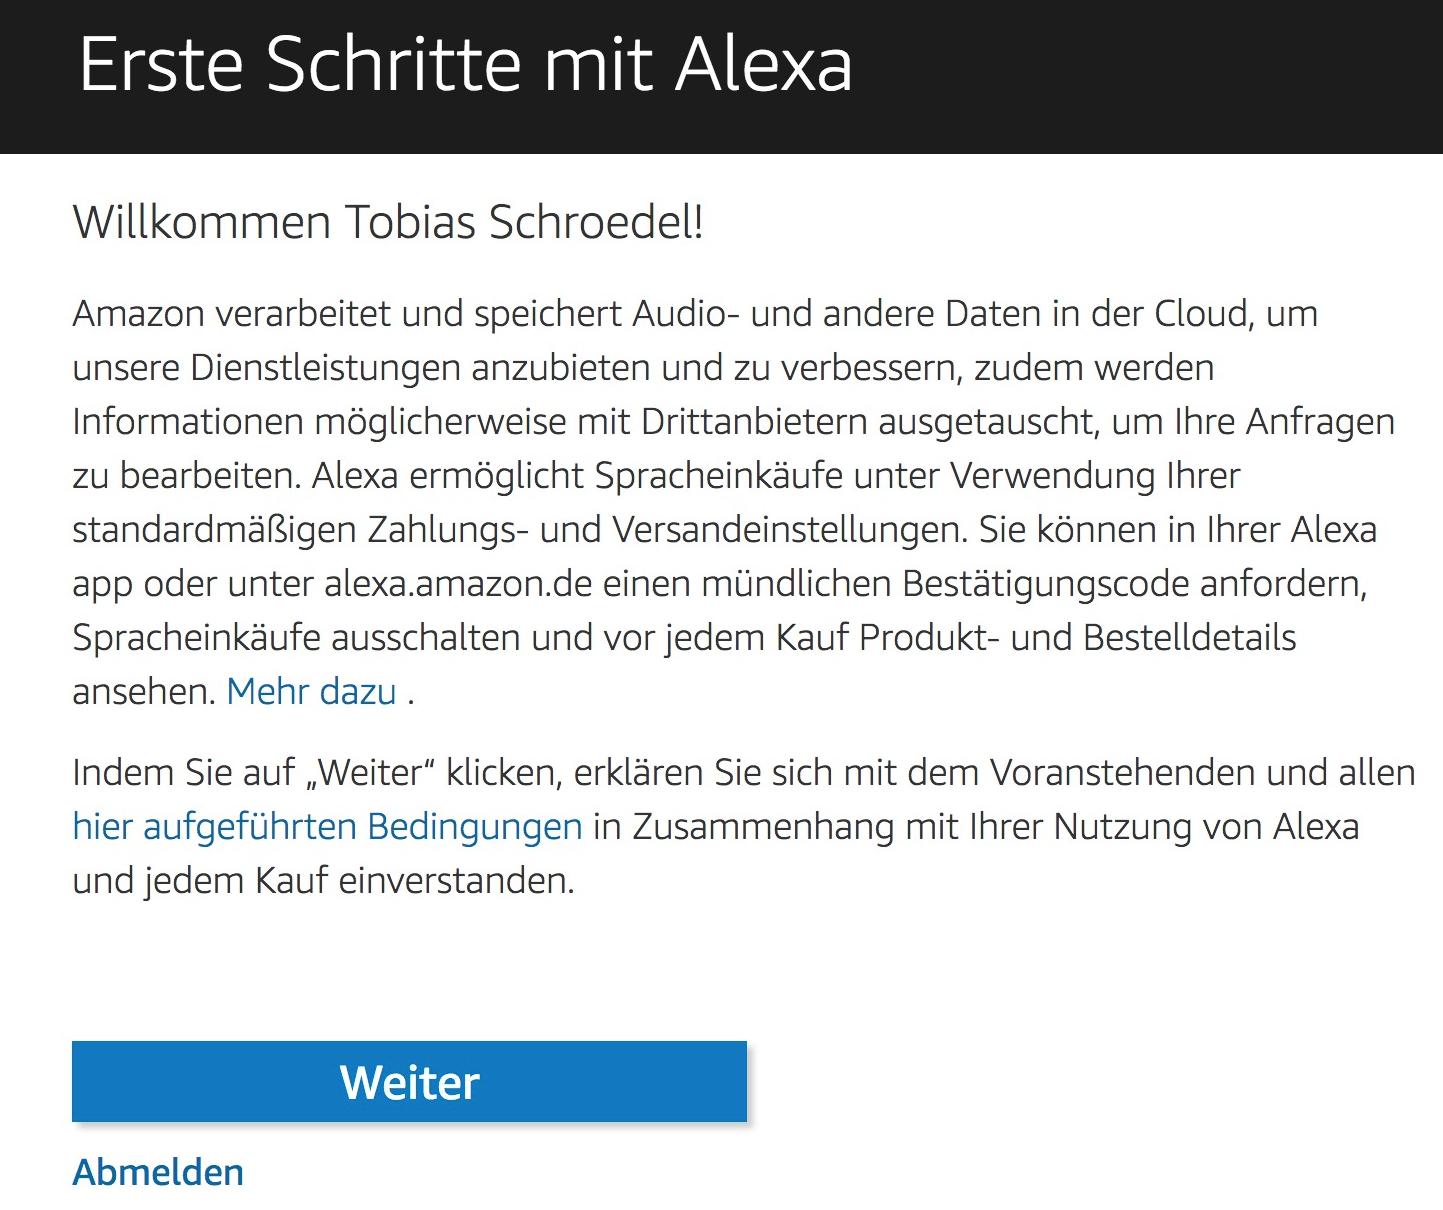 Alexa Sprachsteuerung Datenschutz